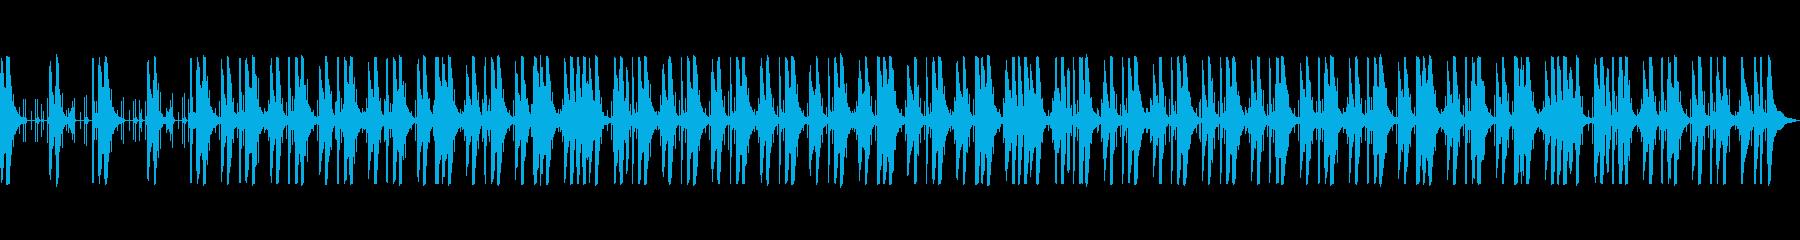 ピチカートを使った日常系オーケストラの再生済みの波形